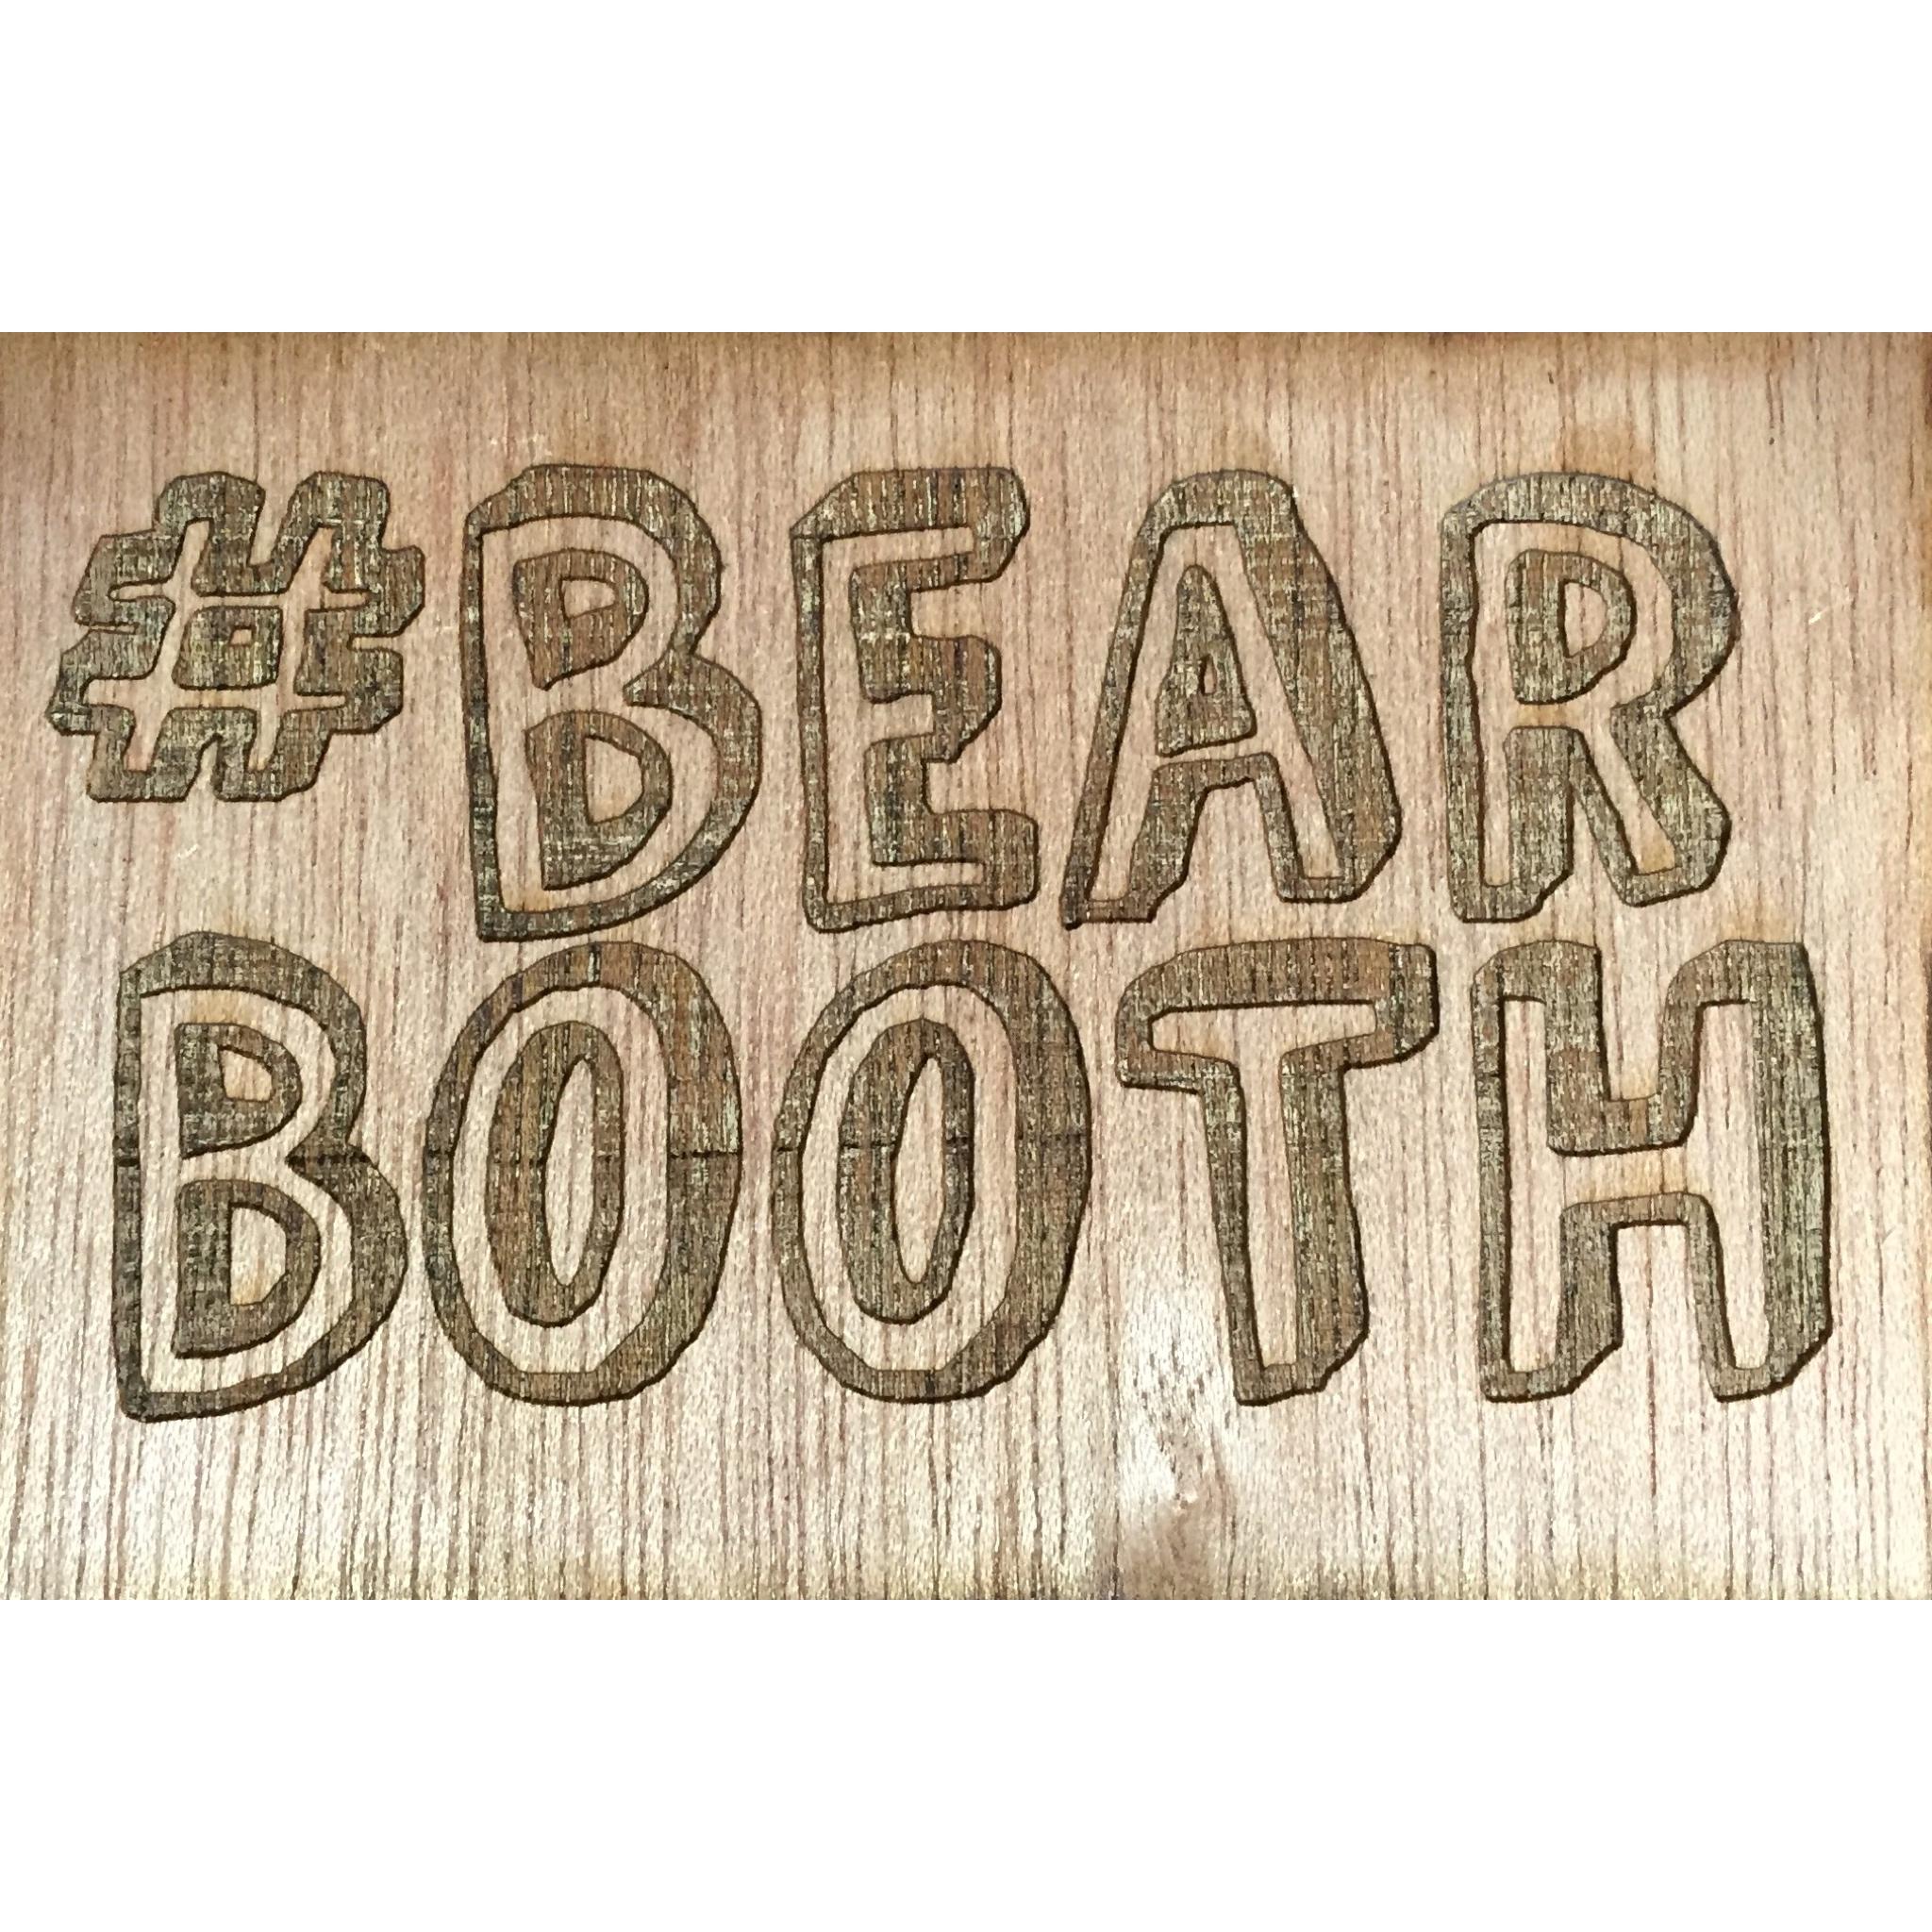 BearBooth.JPG